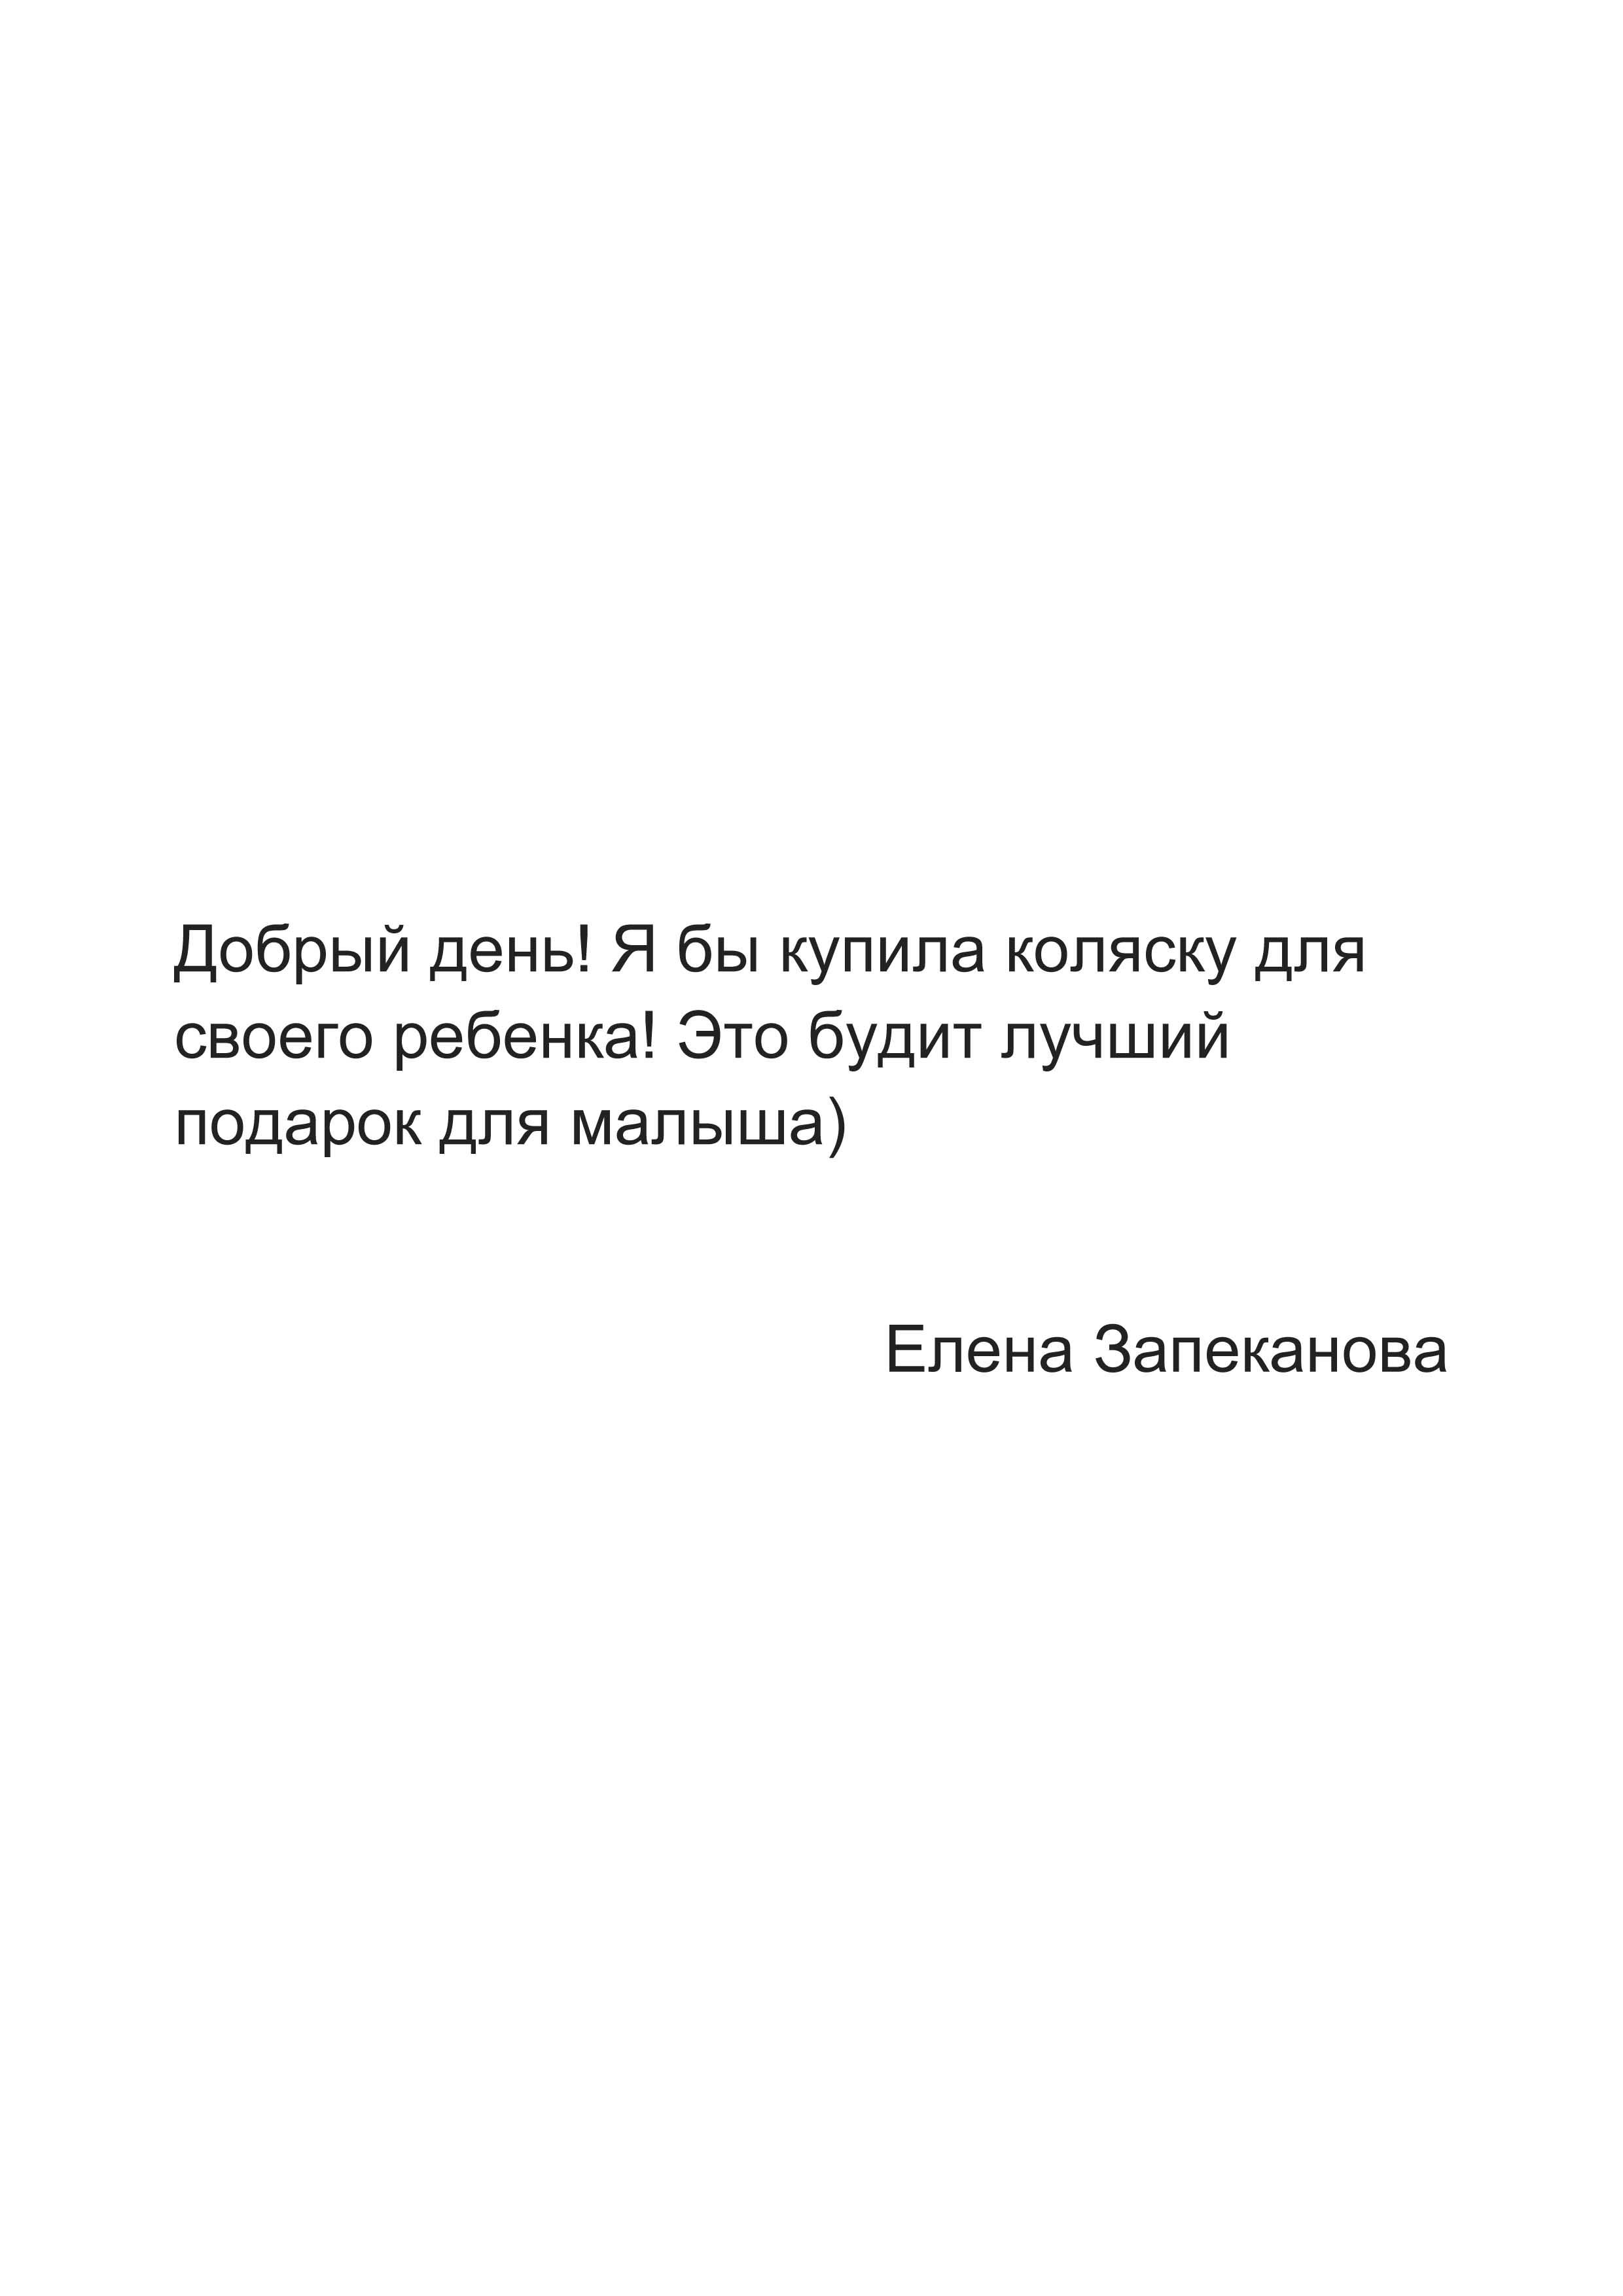 Елена Запеканова